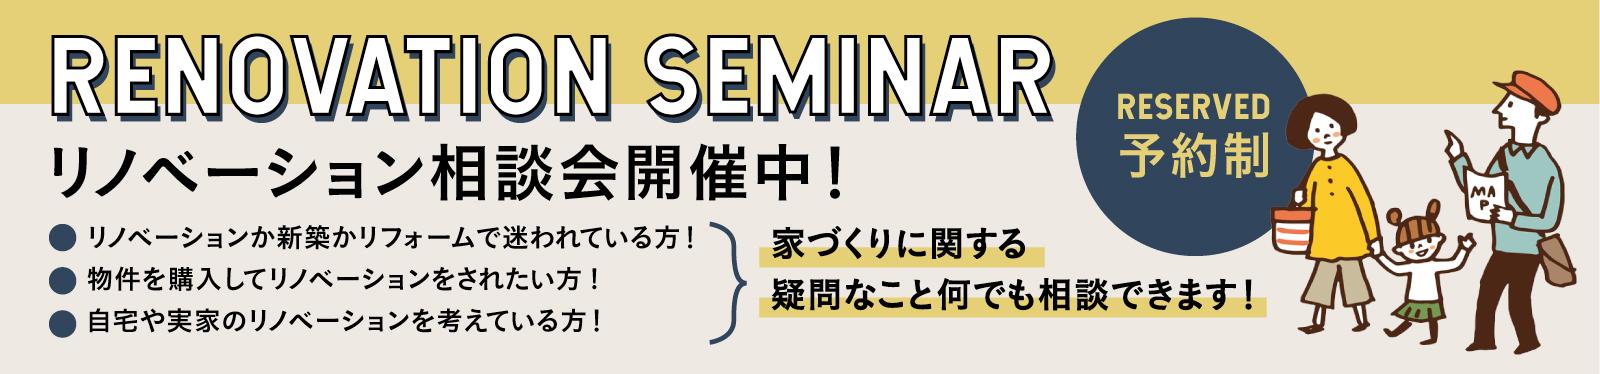 リノベーション相談会開催中!